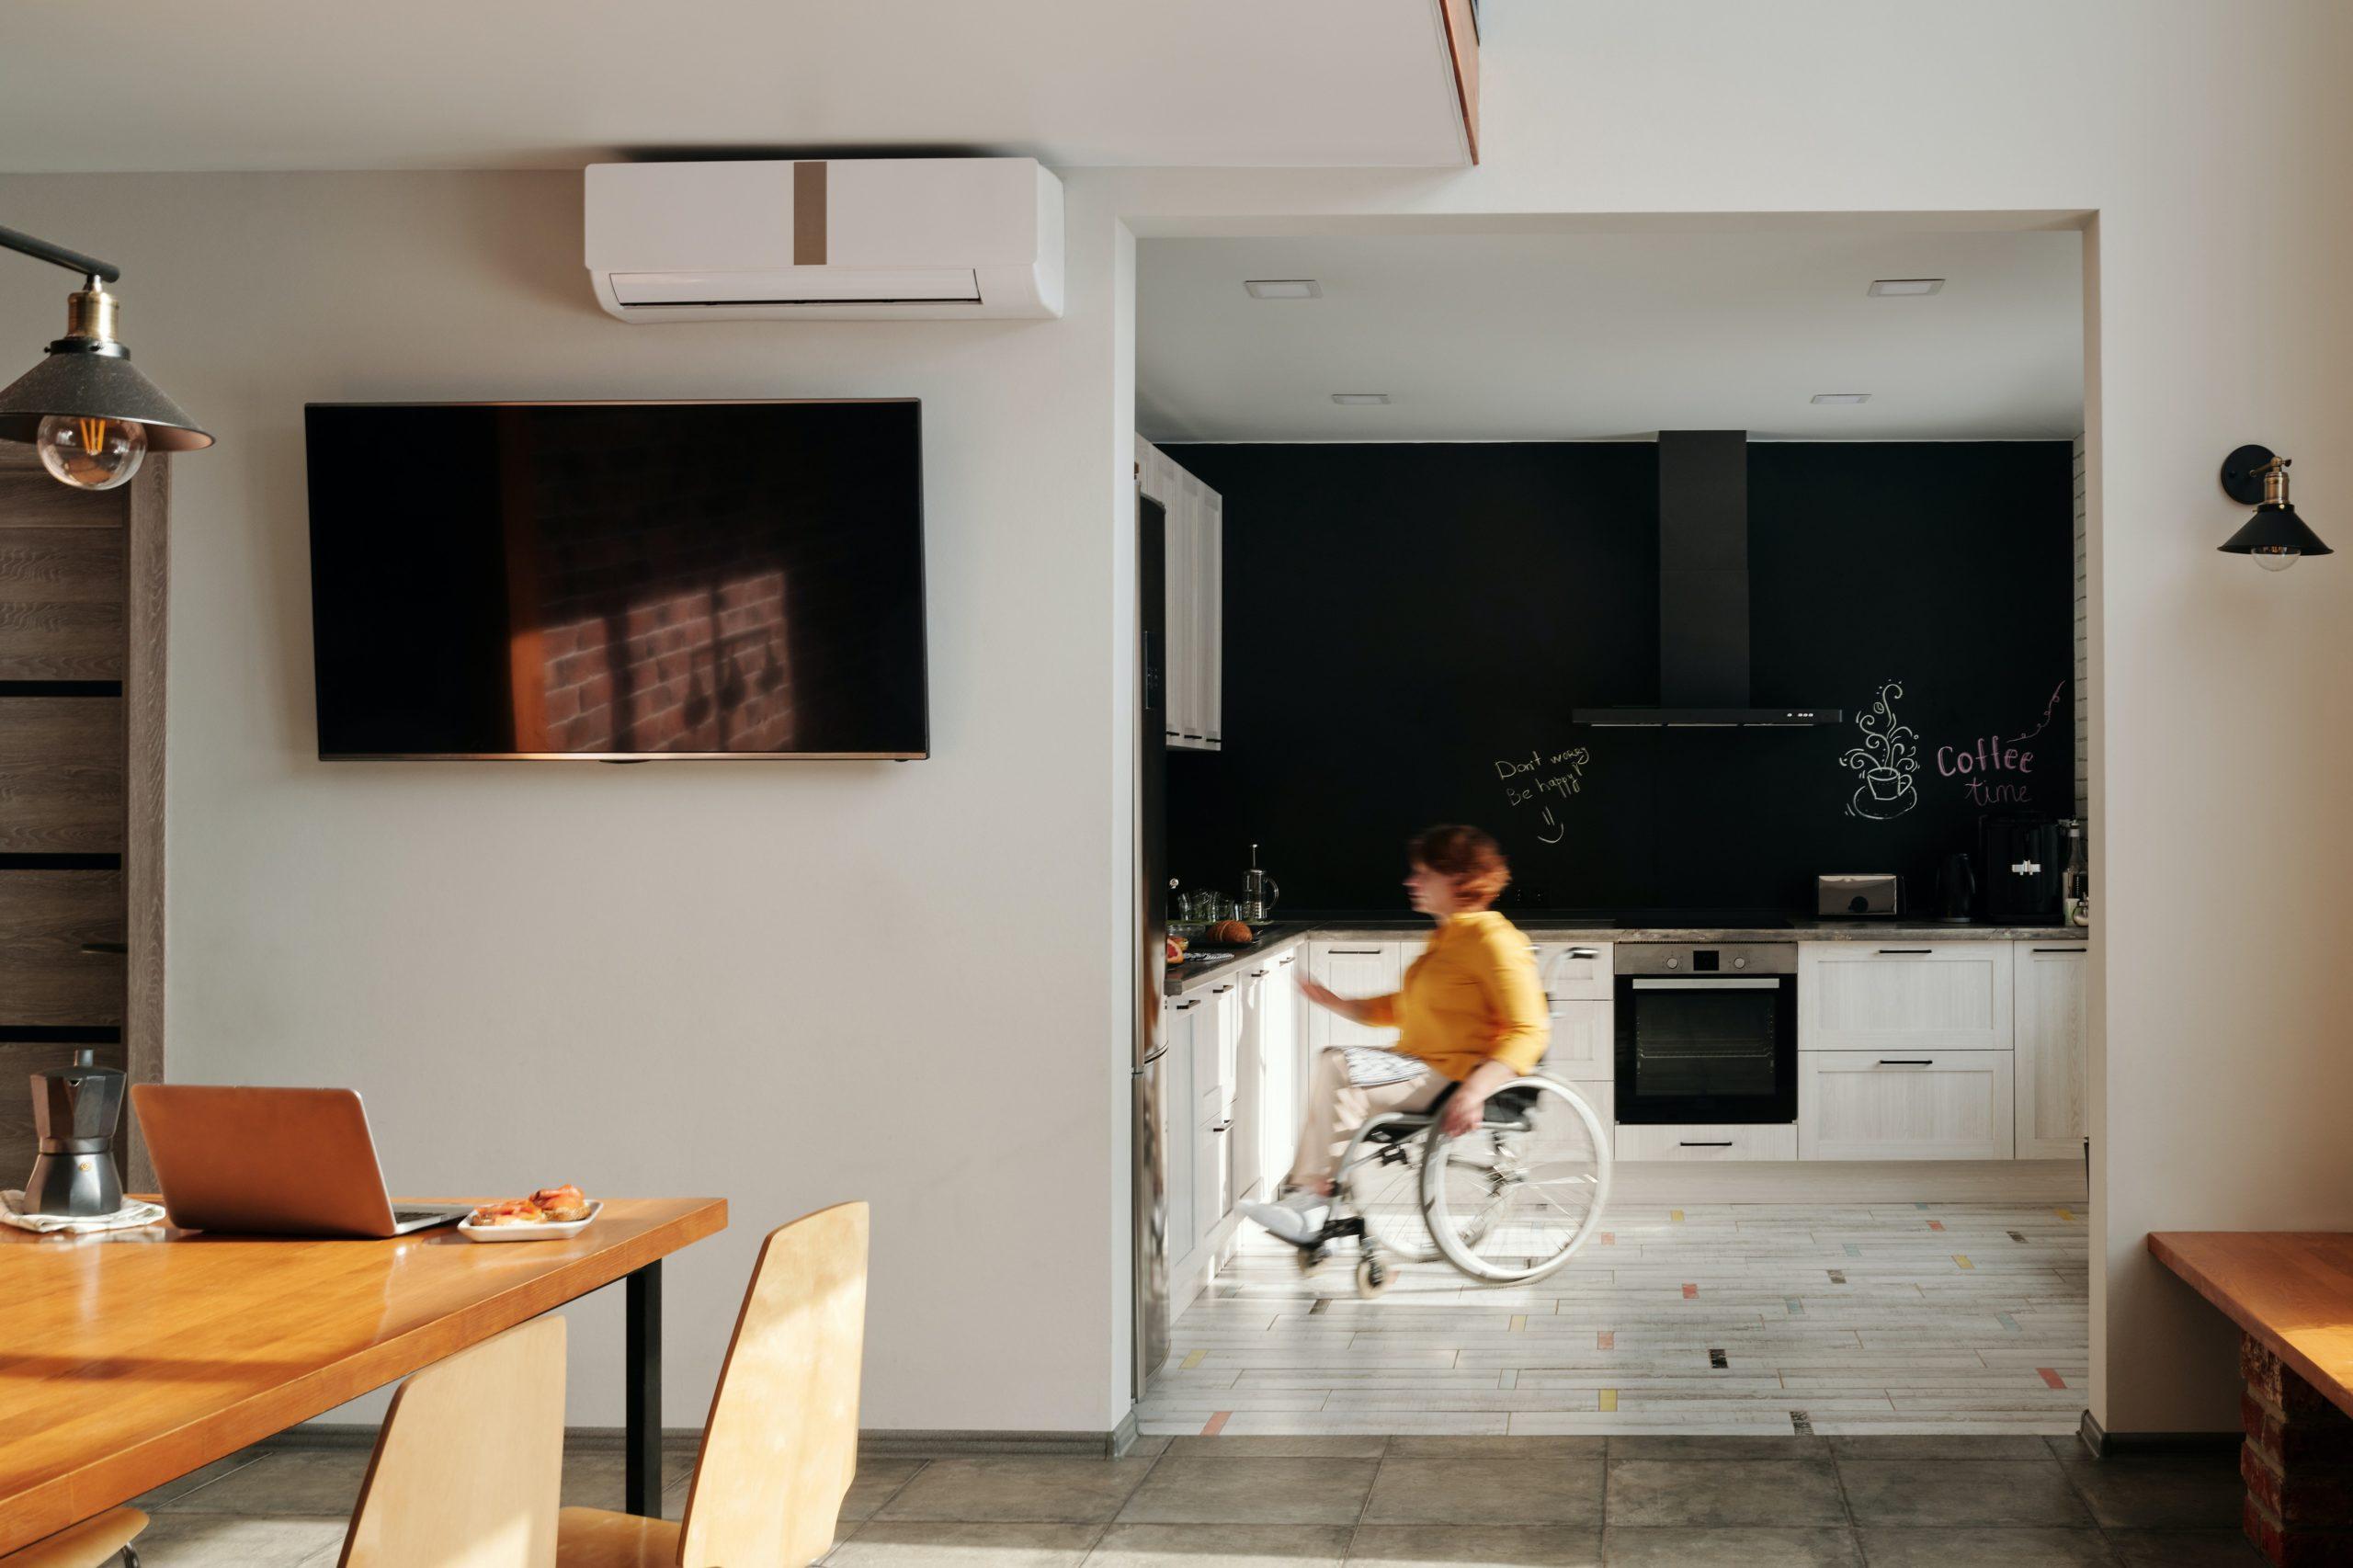 Inteligentny dom osoby niepełnosprawnej według Fibaro